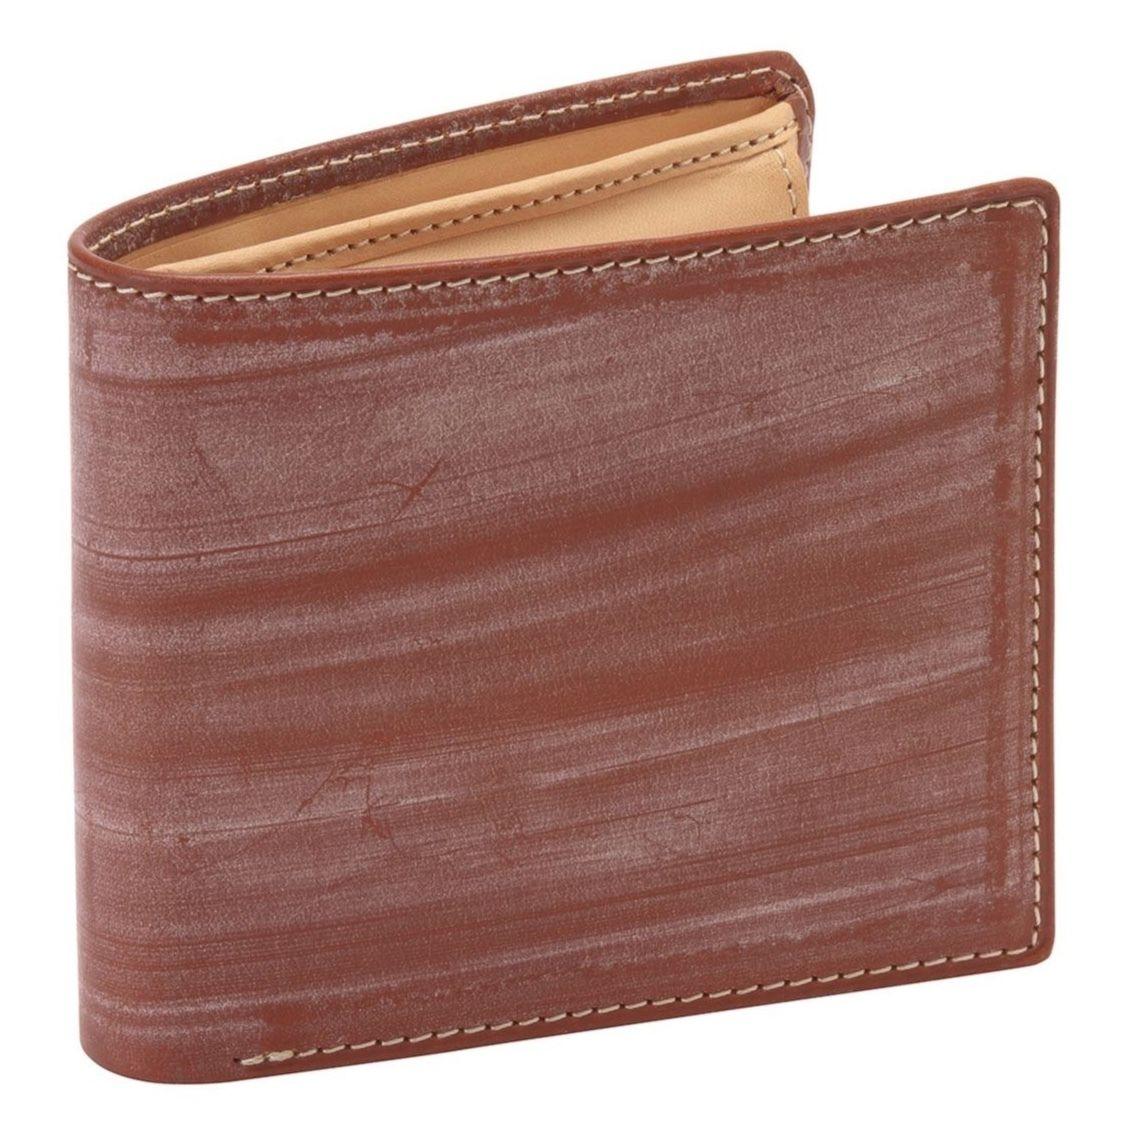 GORBE ブライドルレザー二つ折り財布[名入れ無料]